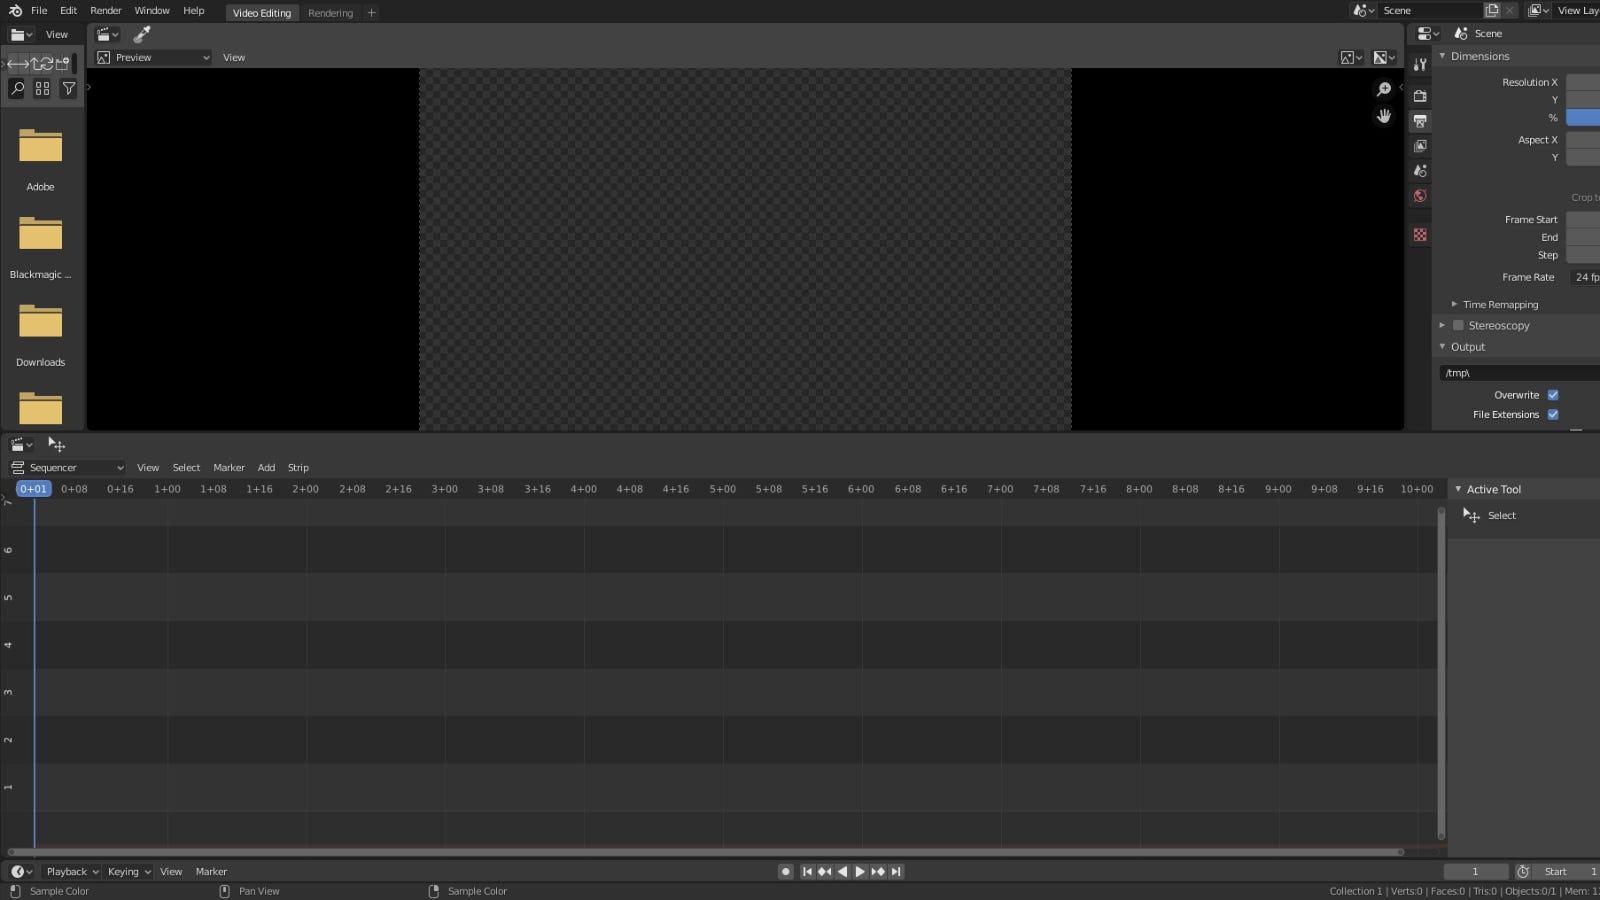 نافذة تحرير الفيديو الرئيسية للخلاط